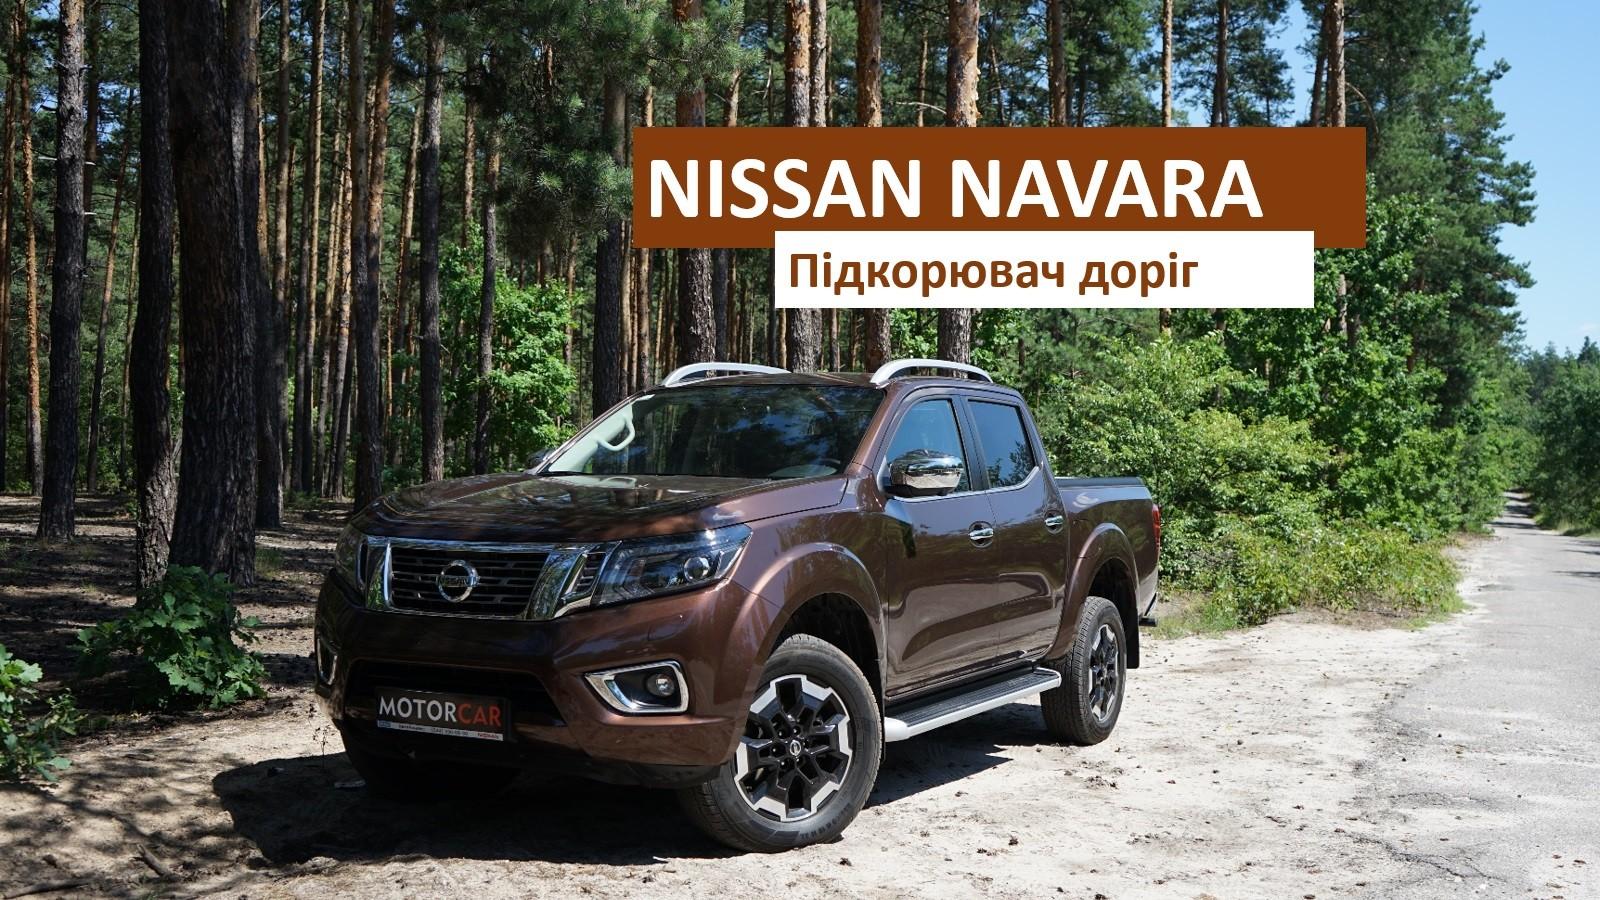 Nissan Navara 2020 пікап огляд